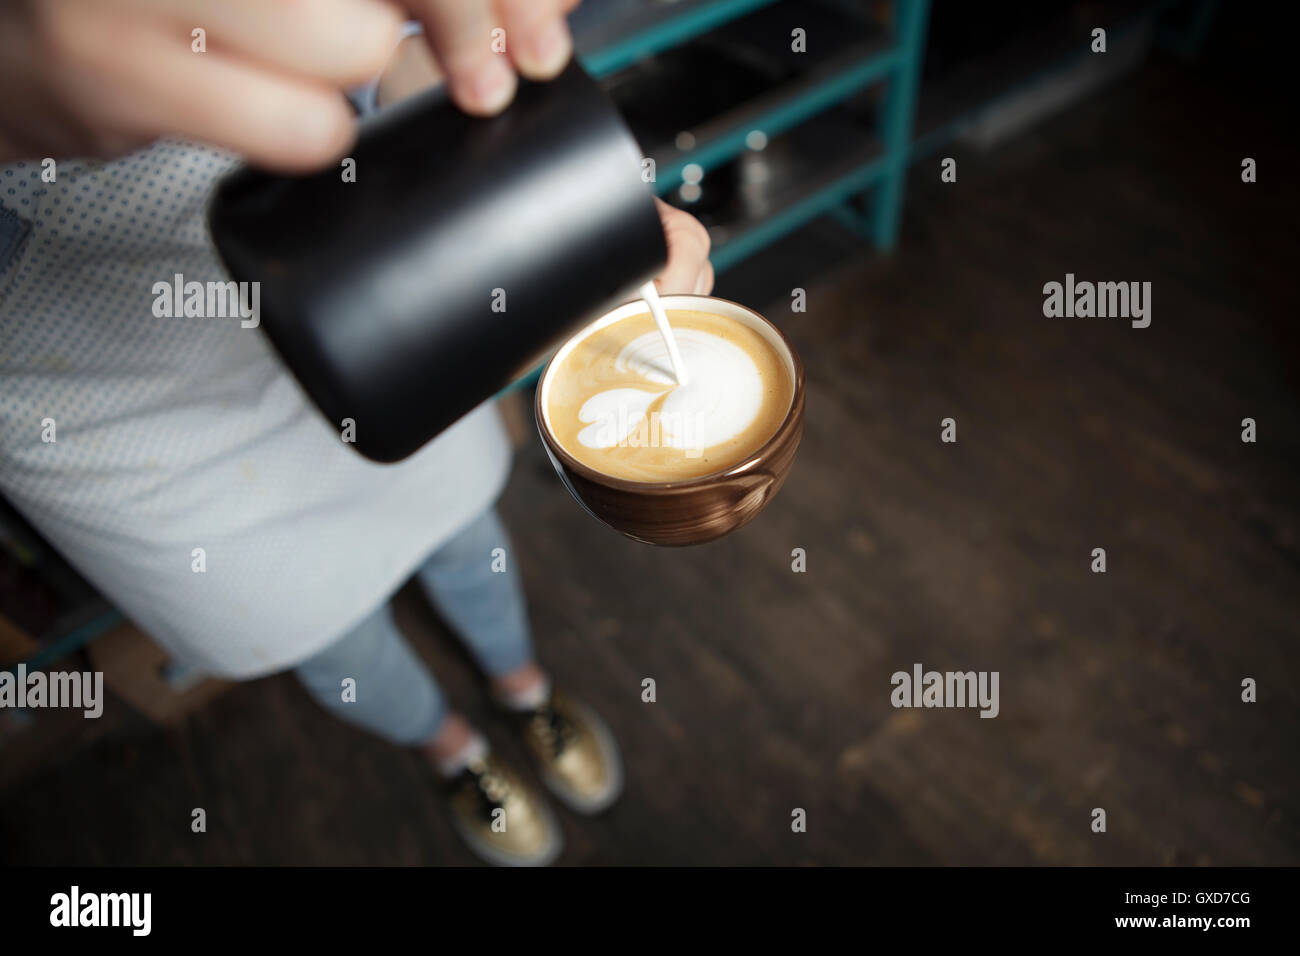 Wie erstelle ich Latte Art Barista Focus in Milch und Kaffee Stockfoto